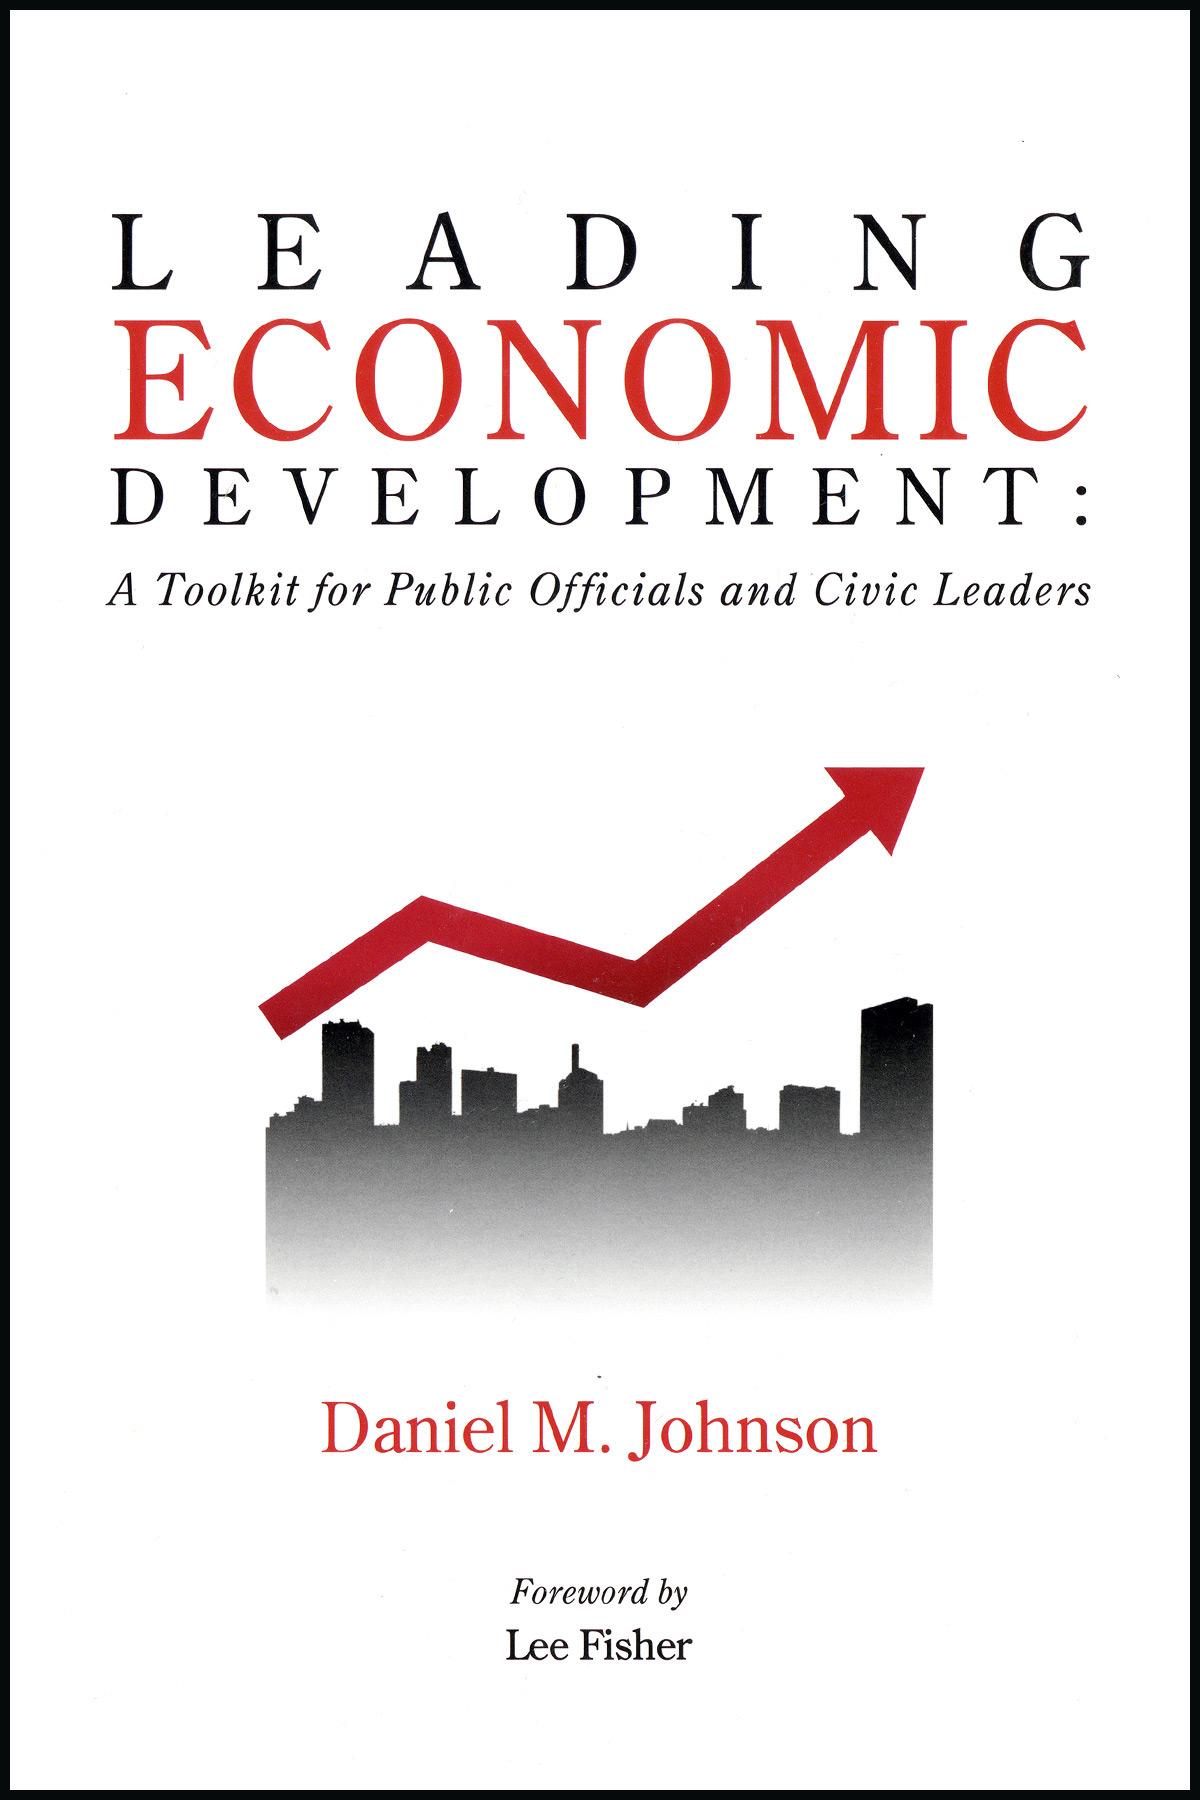 Leading Economic Development